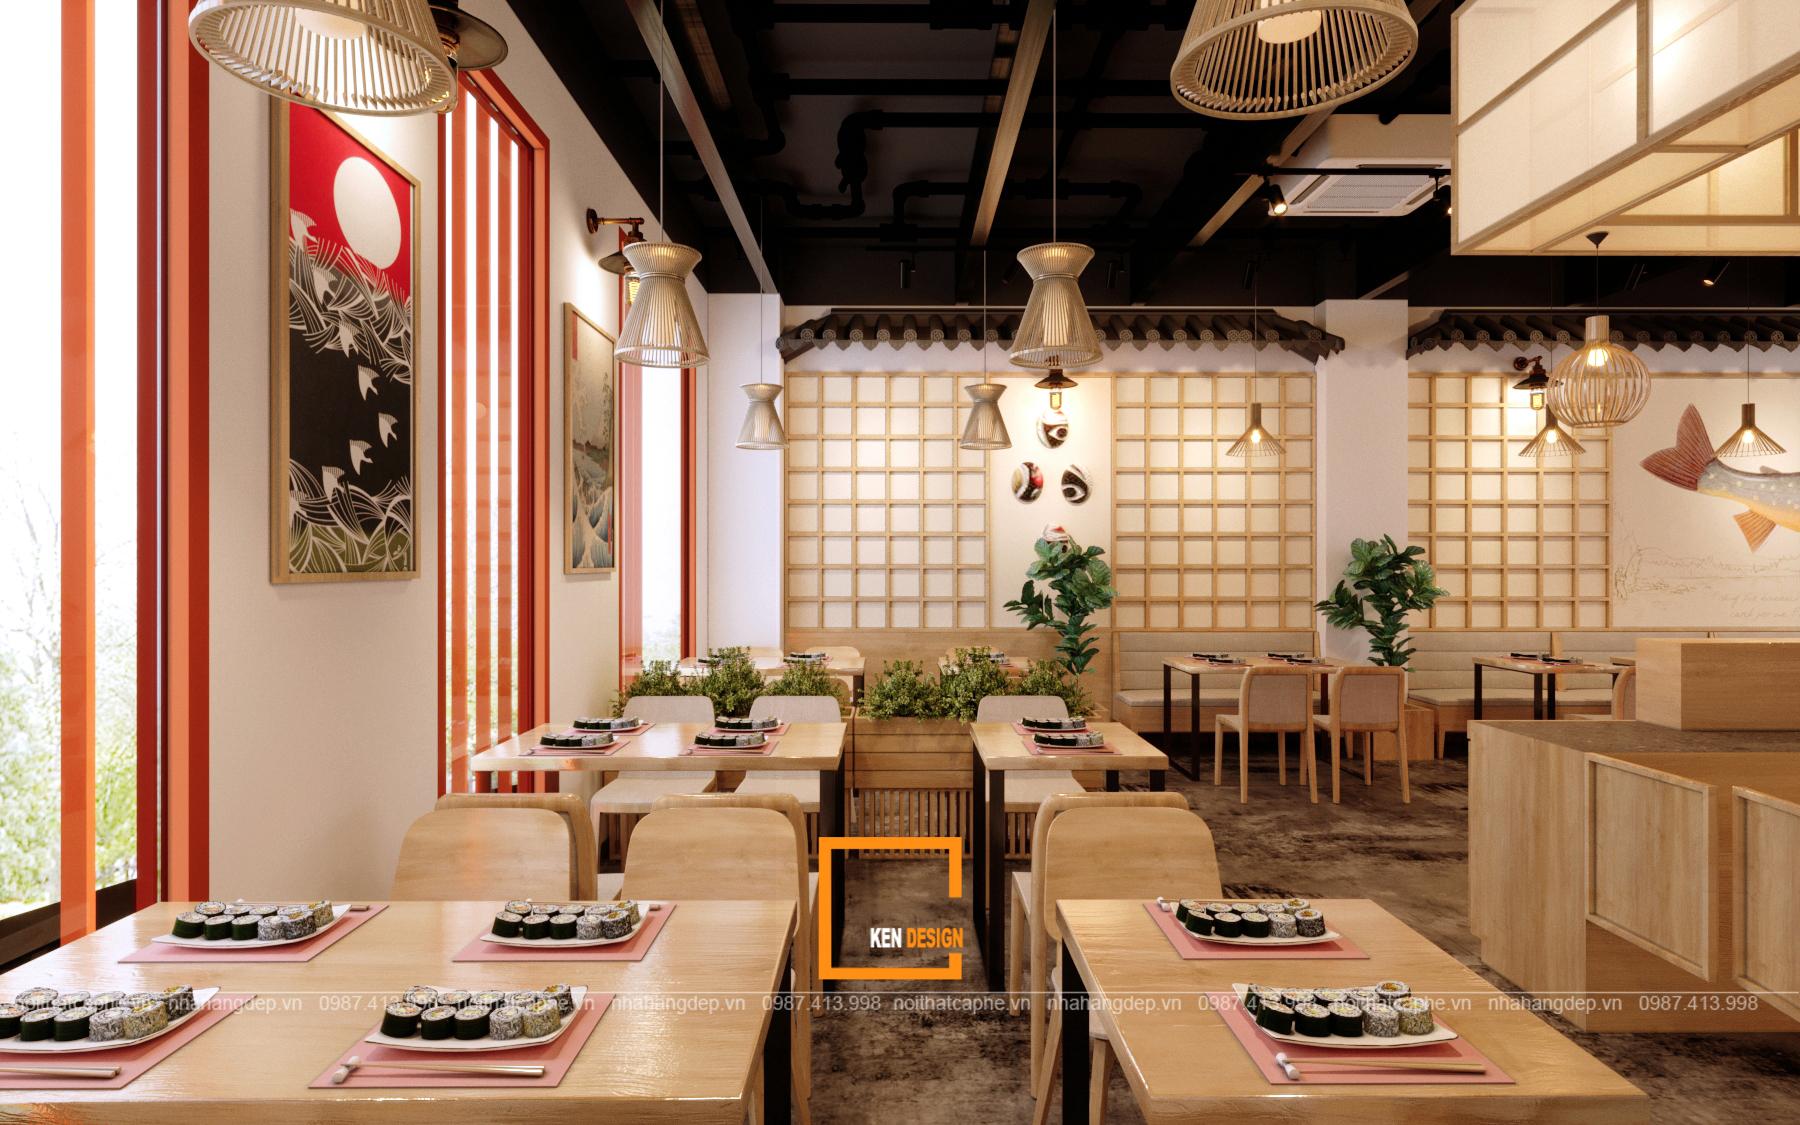 thiet ke nha hang sekai sushi cua anh long tại vung tau 5 - Thiết kế nhà hàng SeKai Sushi độc đáo tại Vũng Tàu